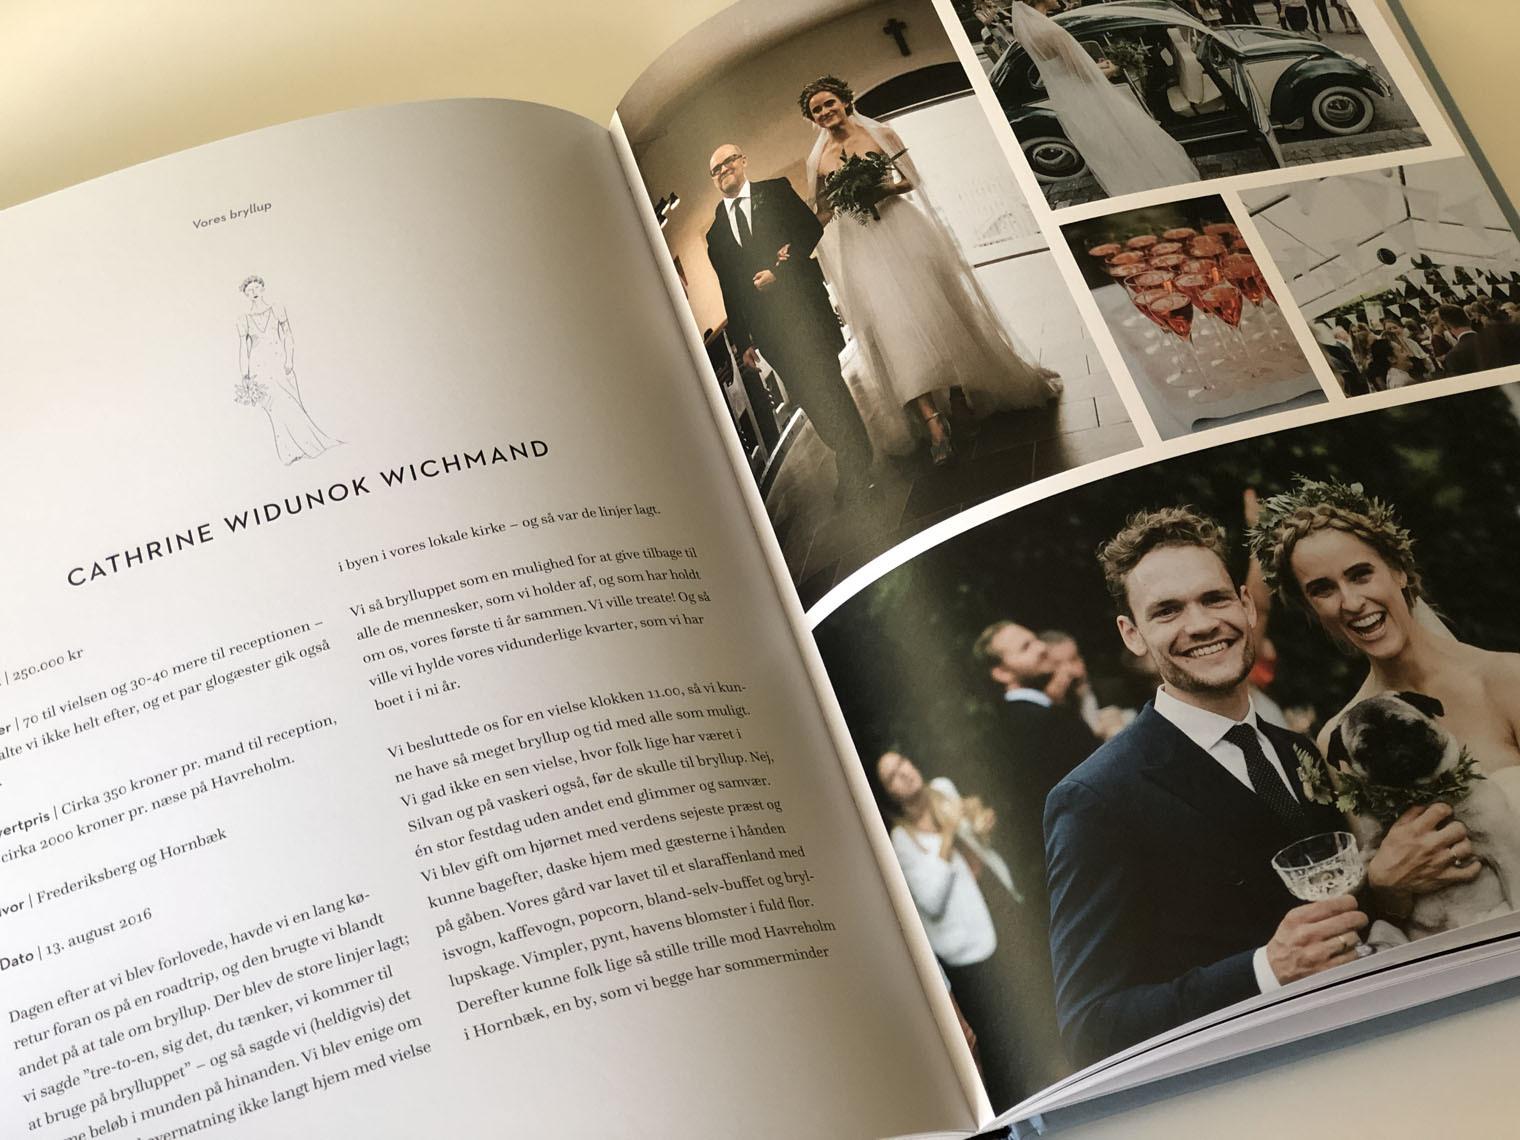 4415b866 Christina Dueholm bryllup var inspireret af de smukke vingårdsbryllupper  med udendørs spisning som vi tit møder billeder af på Instagram især fra  USA.